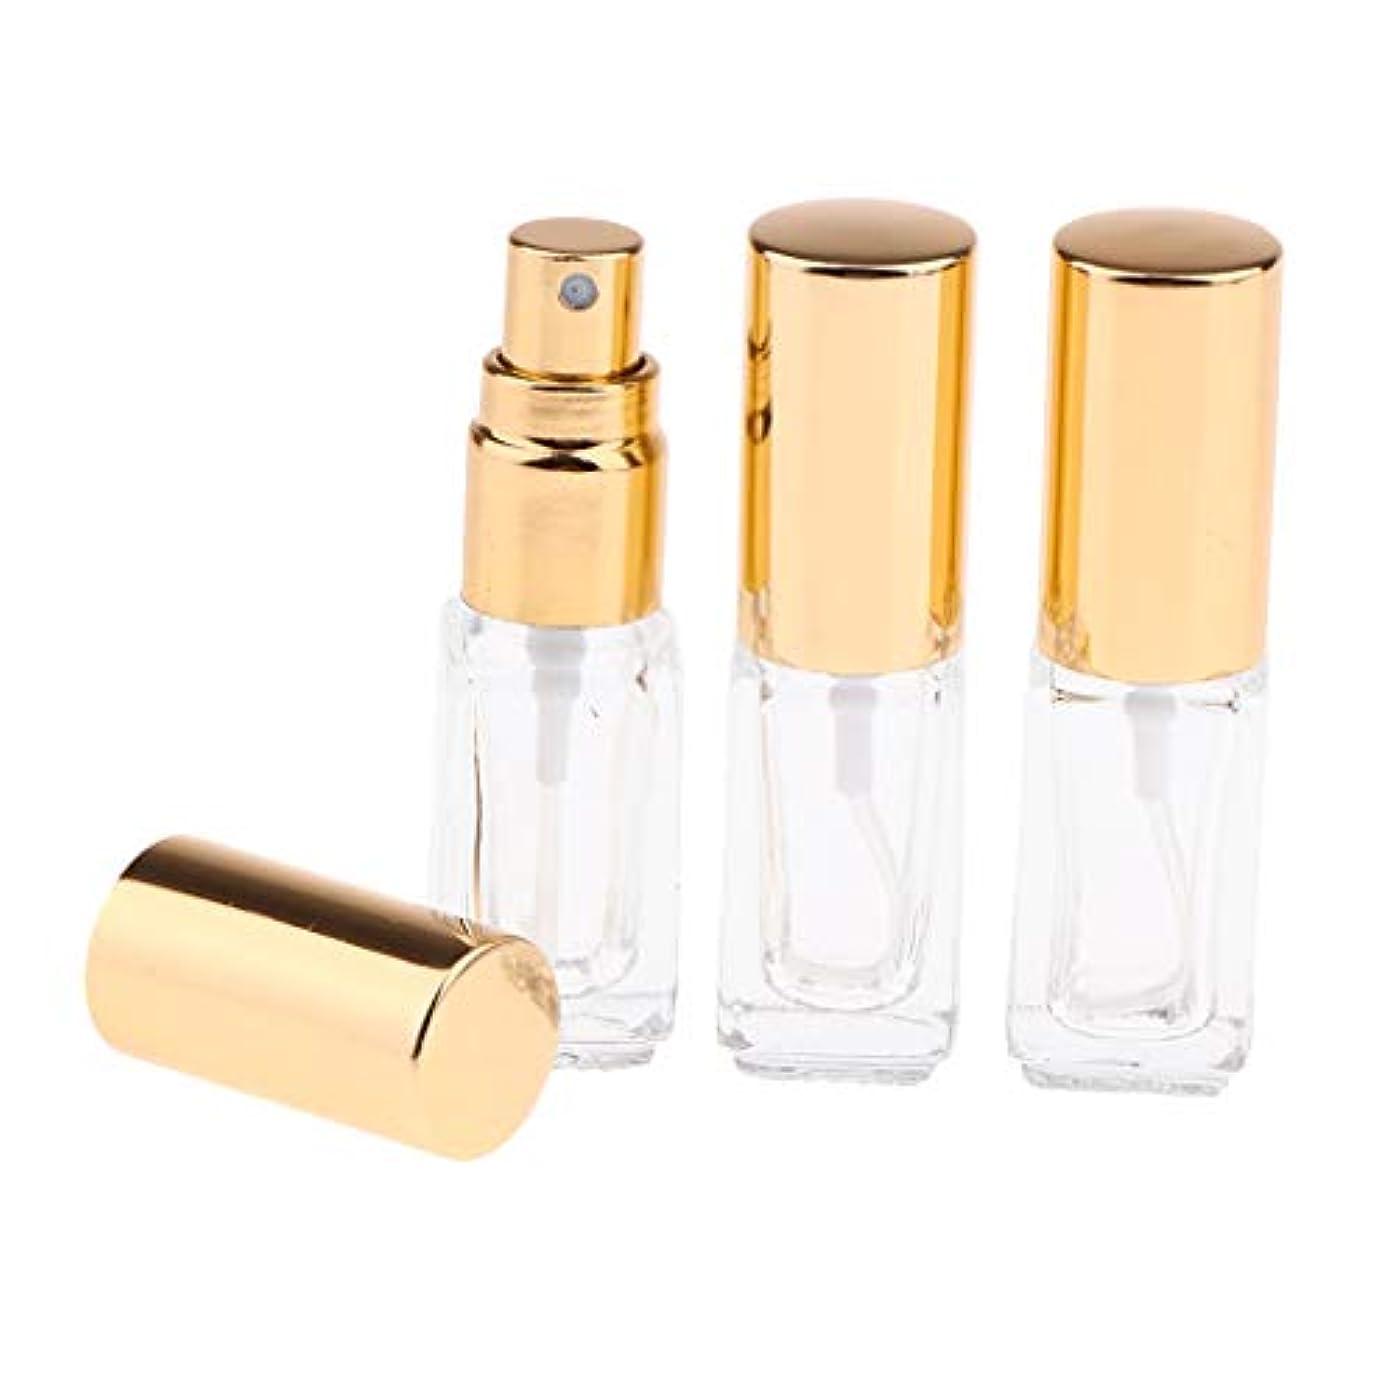 著作権ベスビオ山動的DYNWAVE 3個 香水アトマイザー スプレーボトル 小分け用 ガラス 詰め替え 香水瓶 サンプルボトル 3ML - ゴールドキャップ